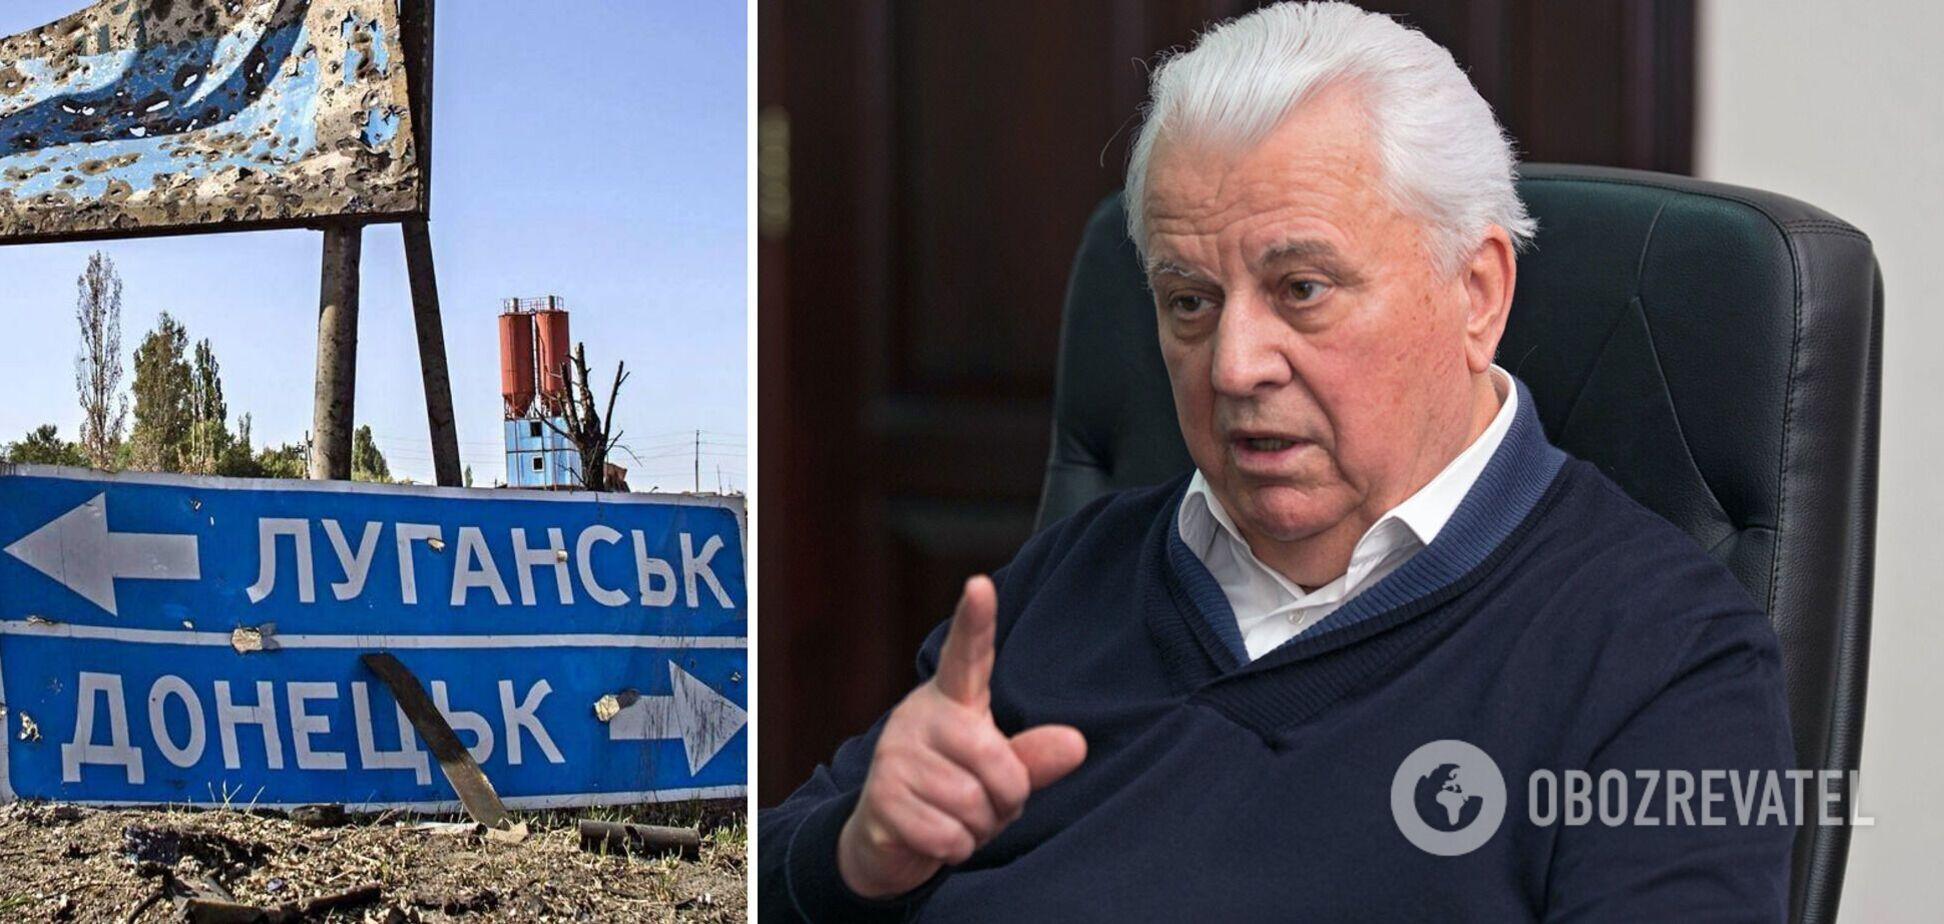 Кравчук – про агресію Росії: нехай йдуть до чортової матері, ми готові набити морду